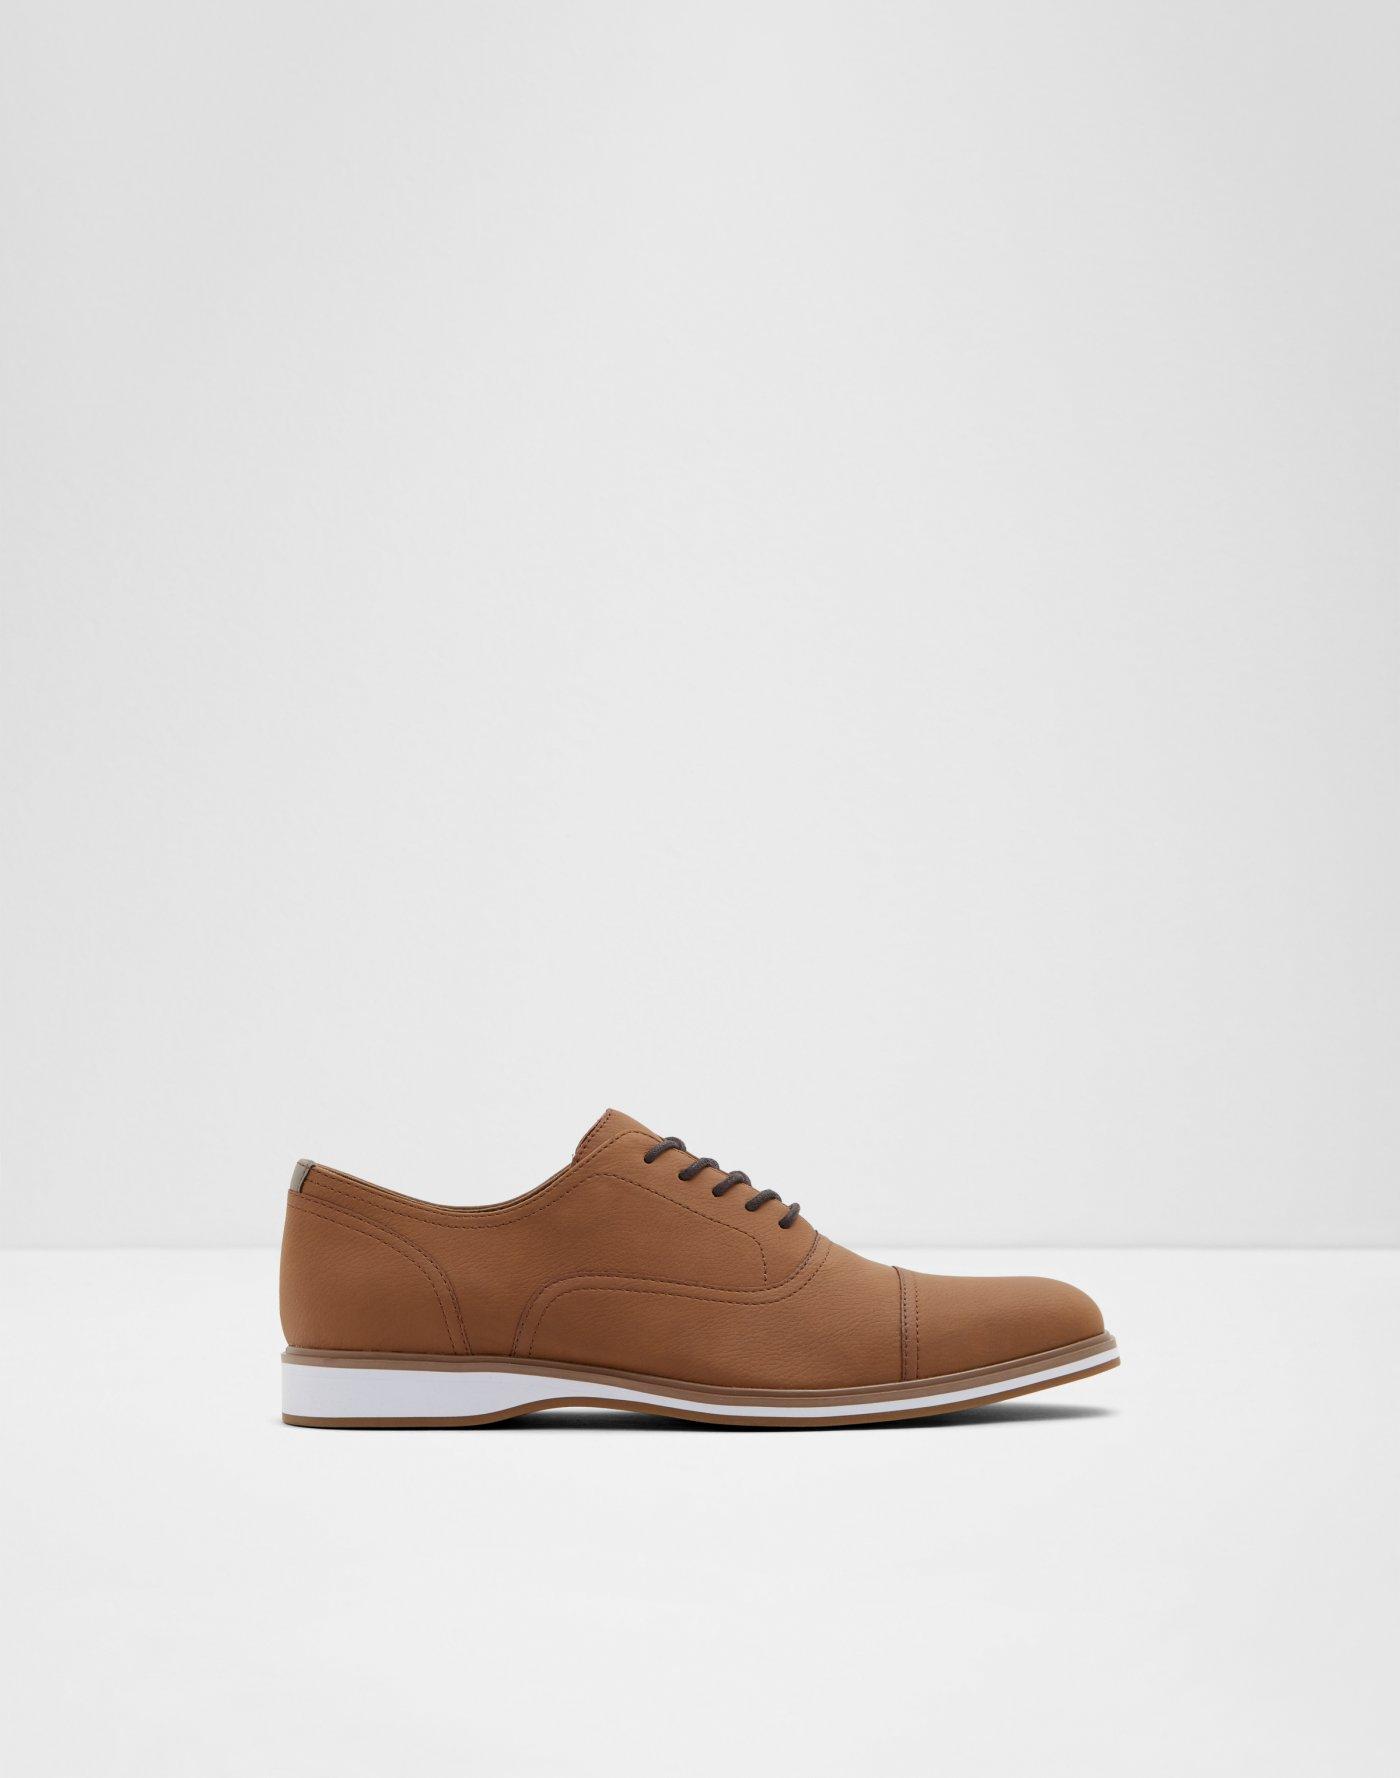 eff0c52ac96e69 All Men's Sales   Shoes, Accessories And Wallets   ALDO US   Aldoshoes.com  US